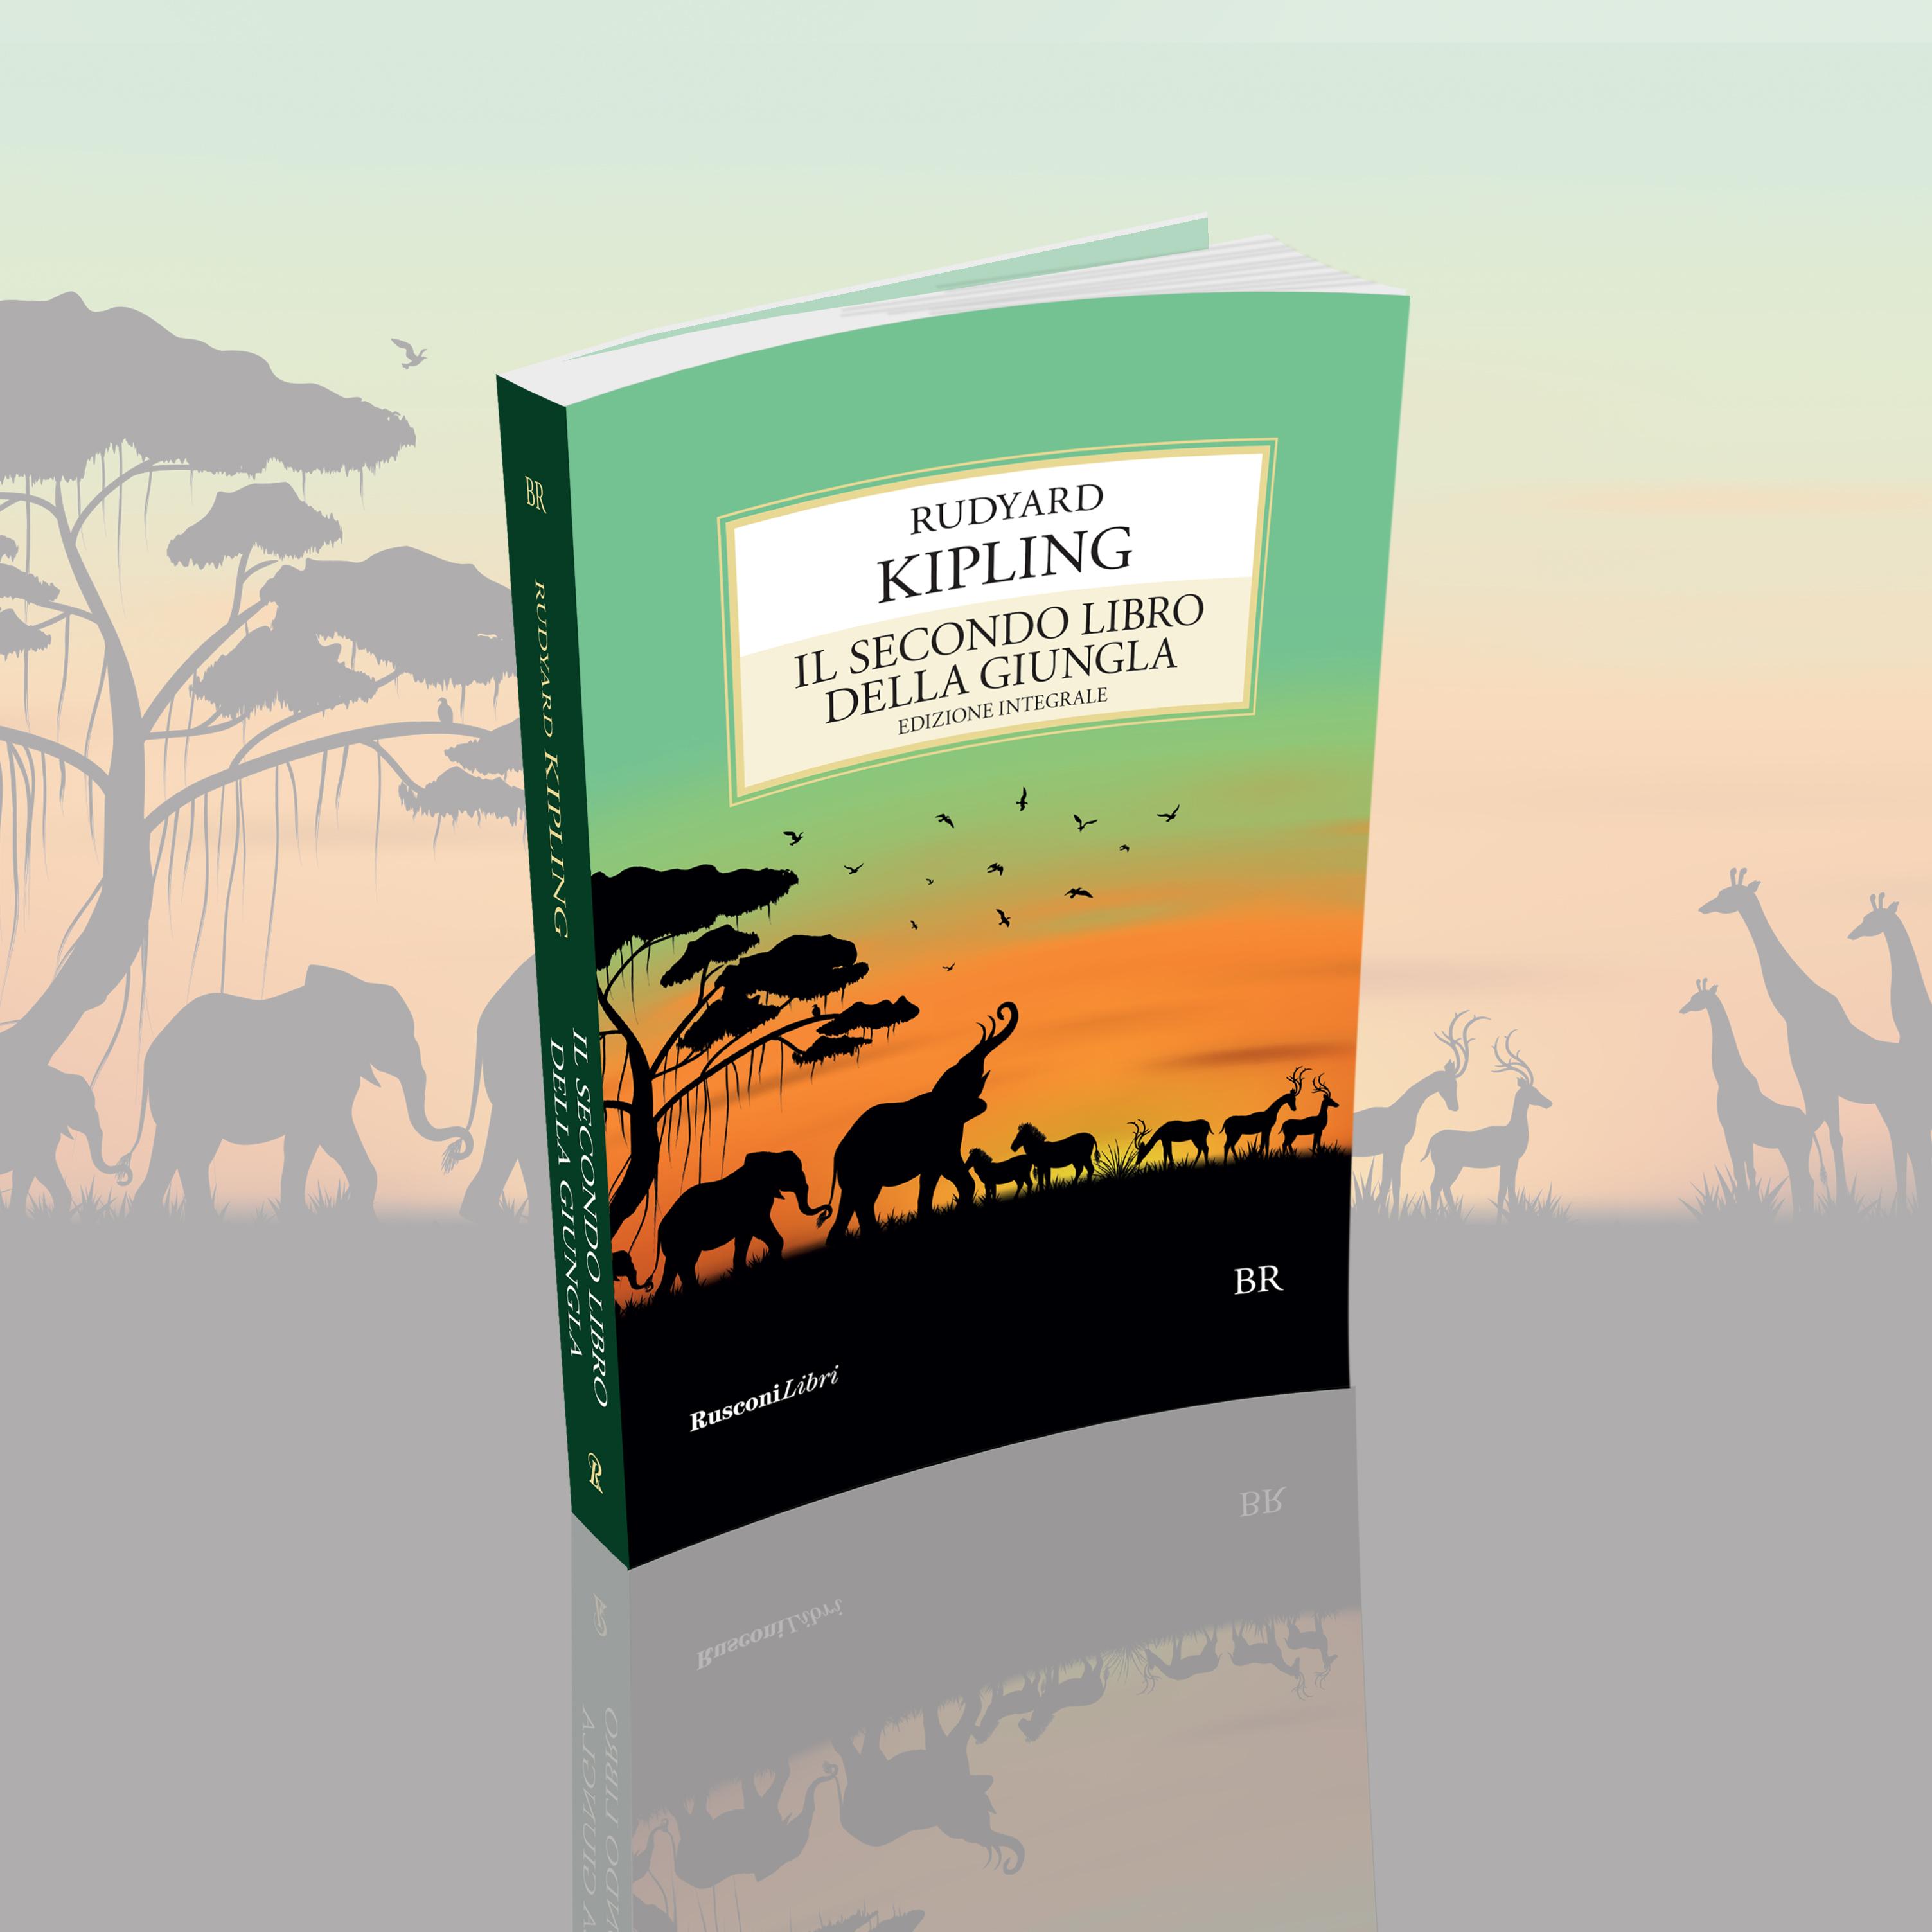 Rusconi-libri-il-secondo-libro-della-giungla